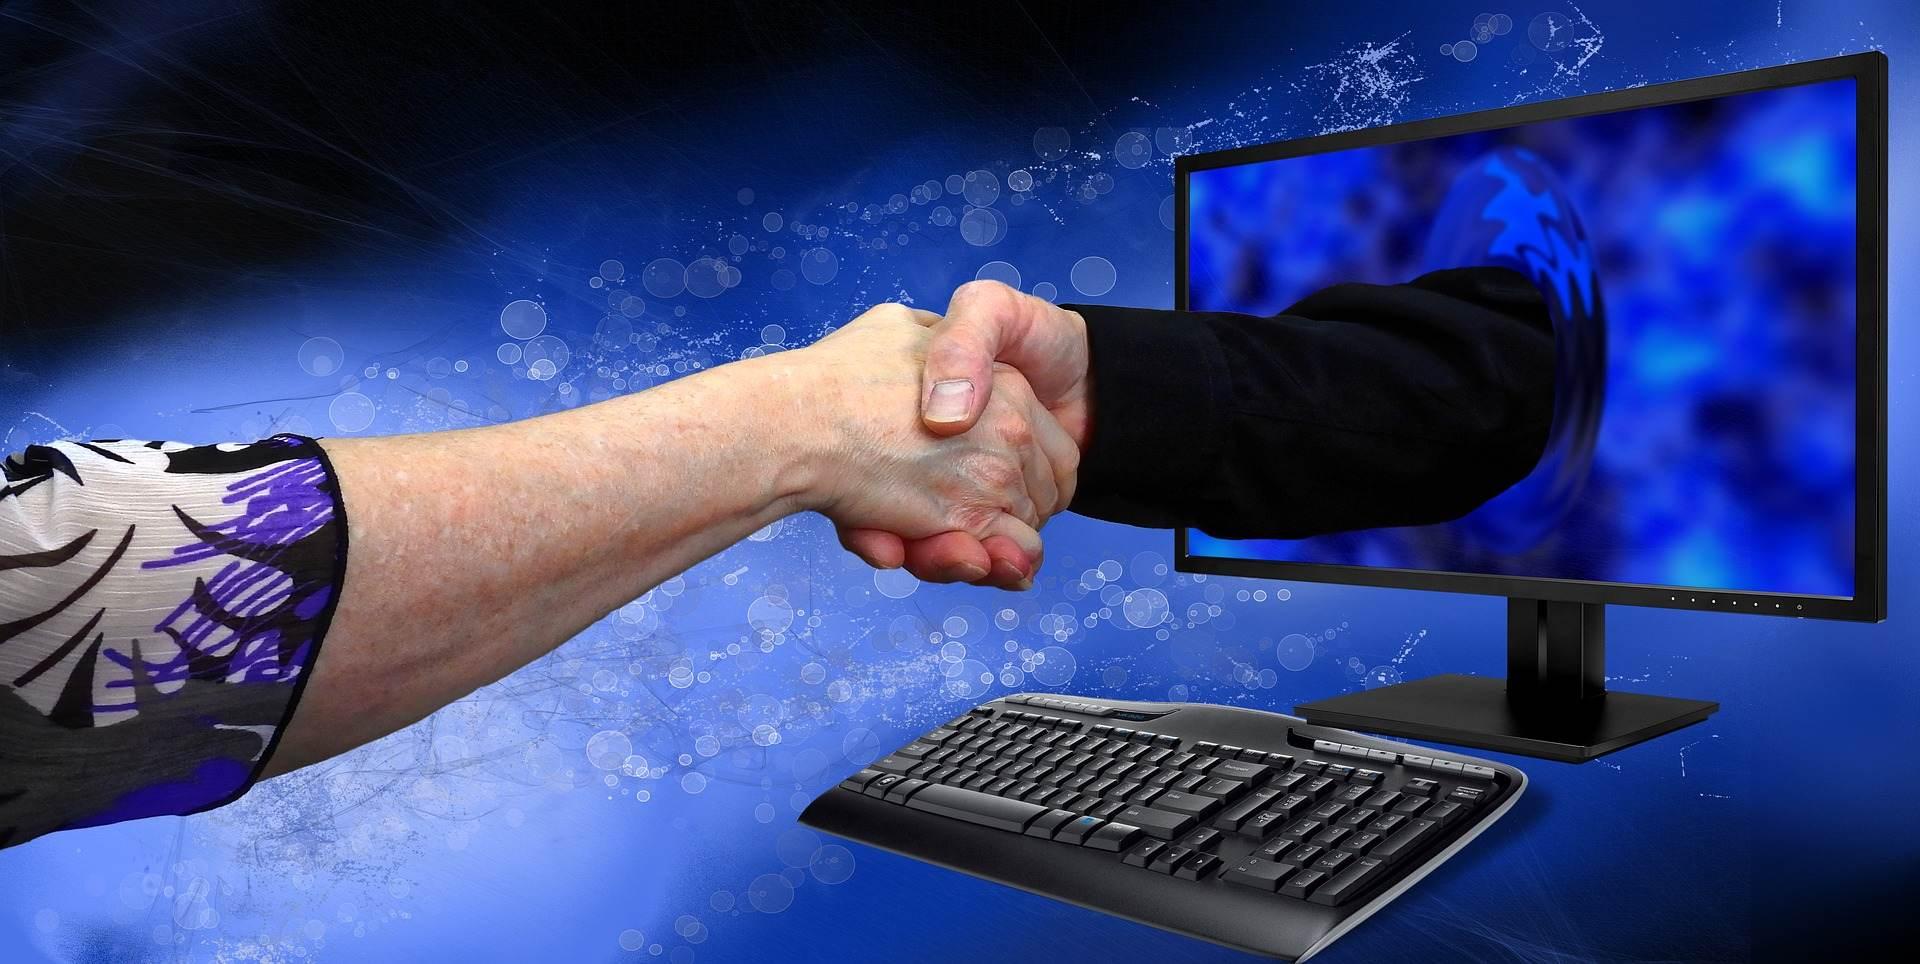 Vor allem der Verkauf von Büro-PCs hat zugenommen. Abbildung: Pixabay